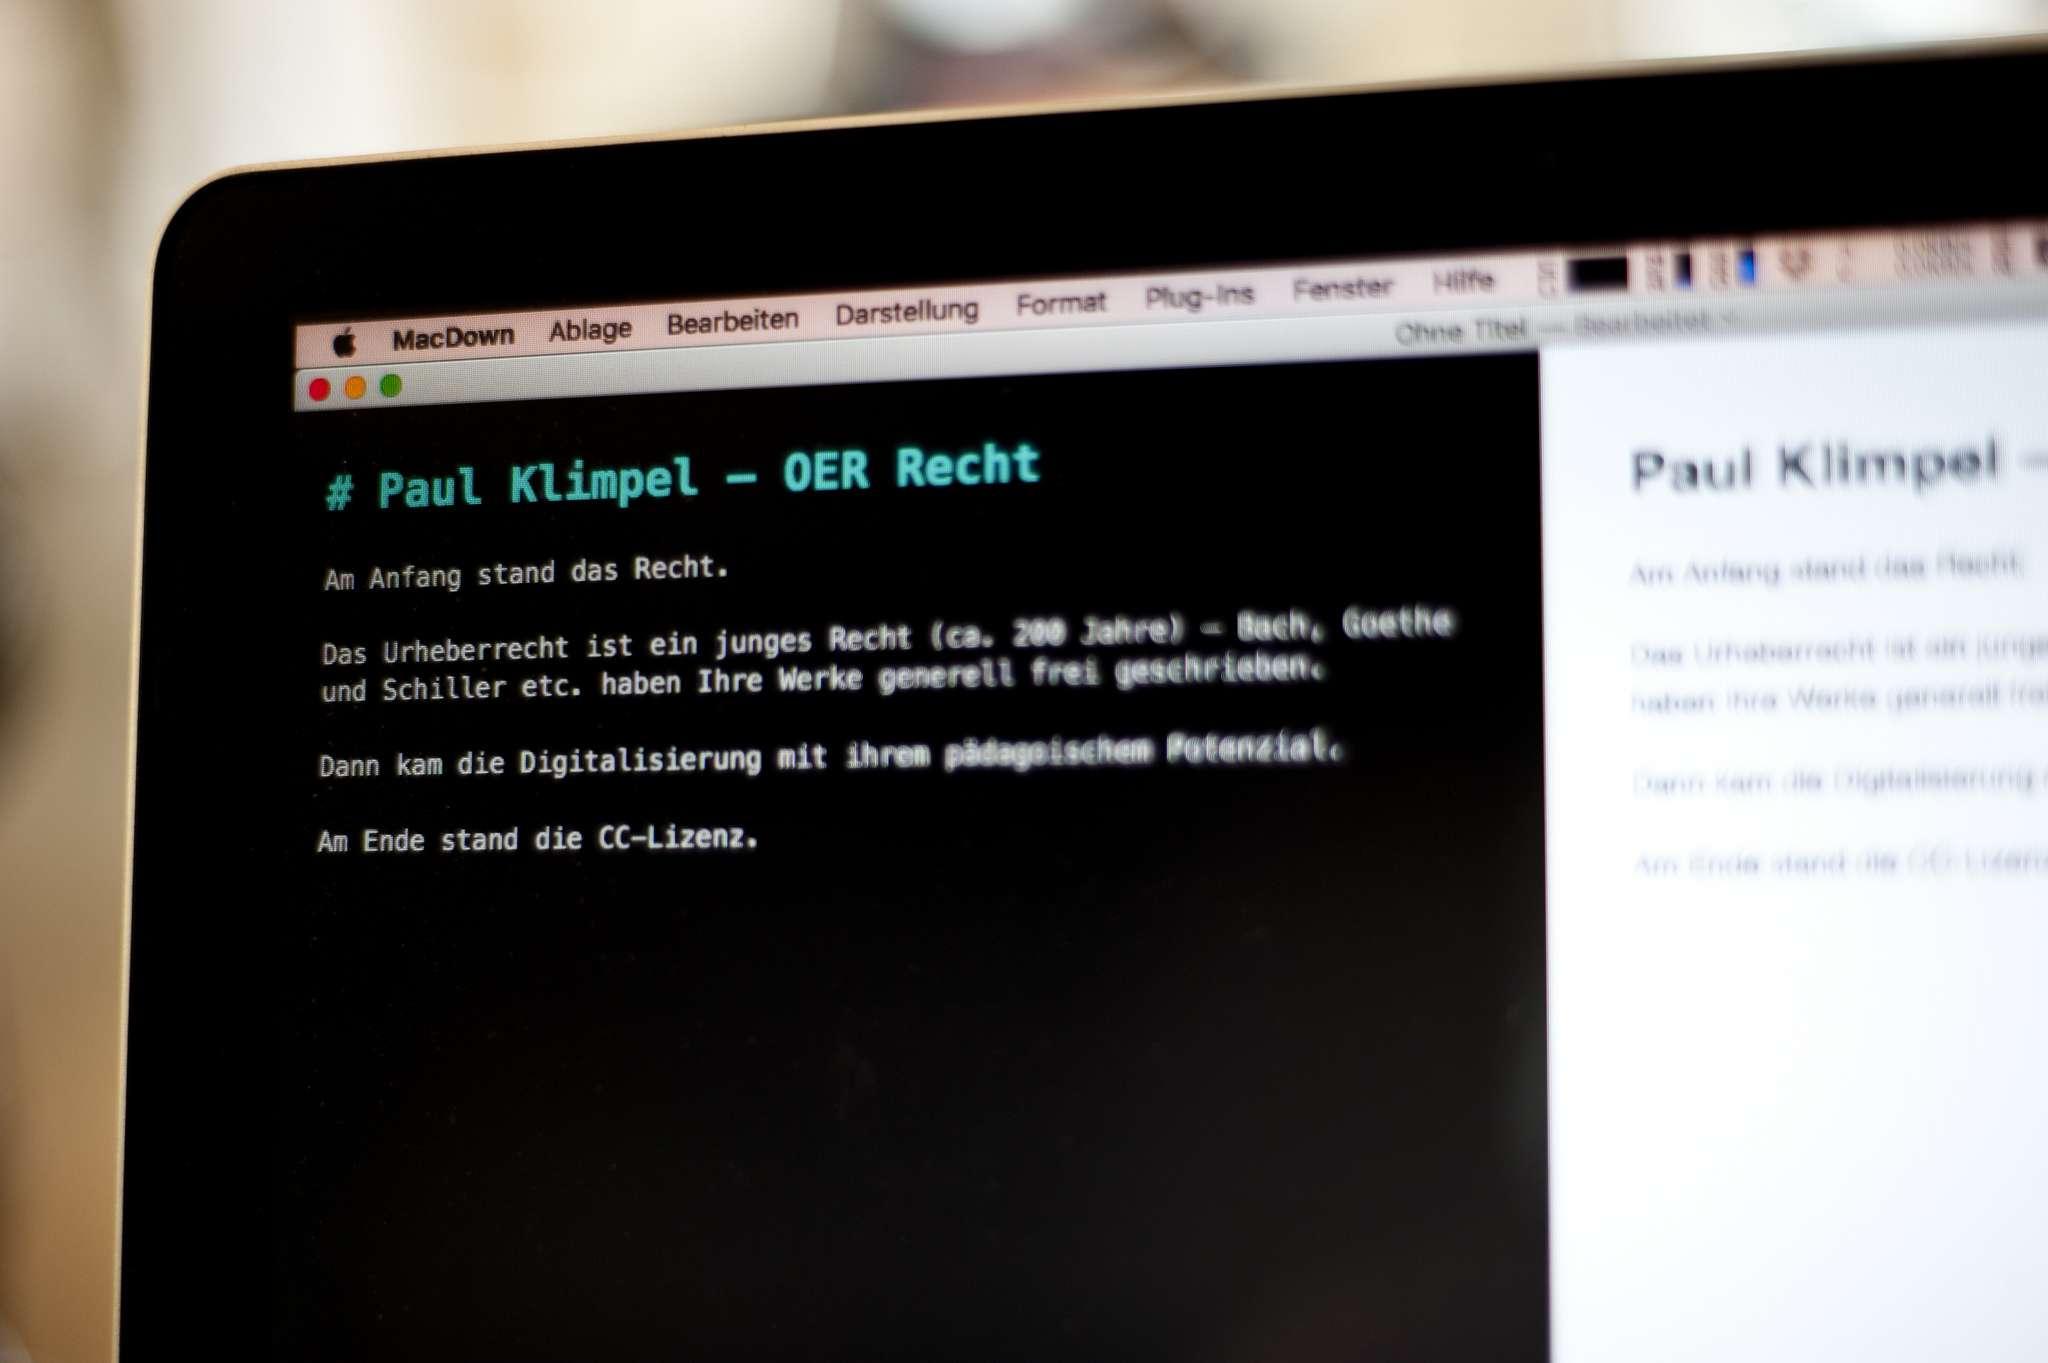 Foto eines Laptop Bildschirms mit geöffnetem Markdown Editor und dem Satz: Am Anfang stand das Recht.